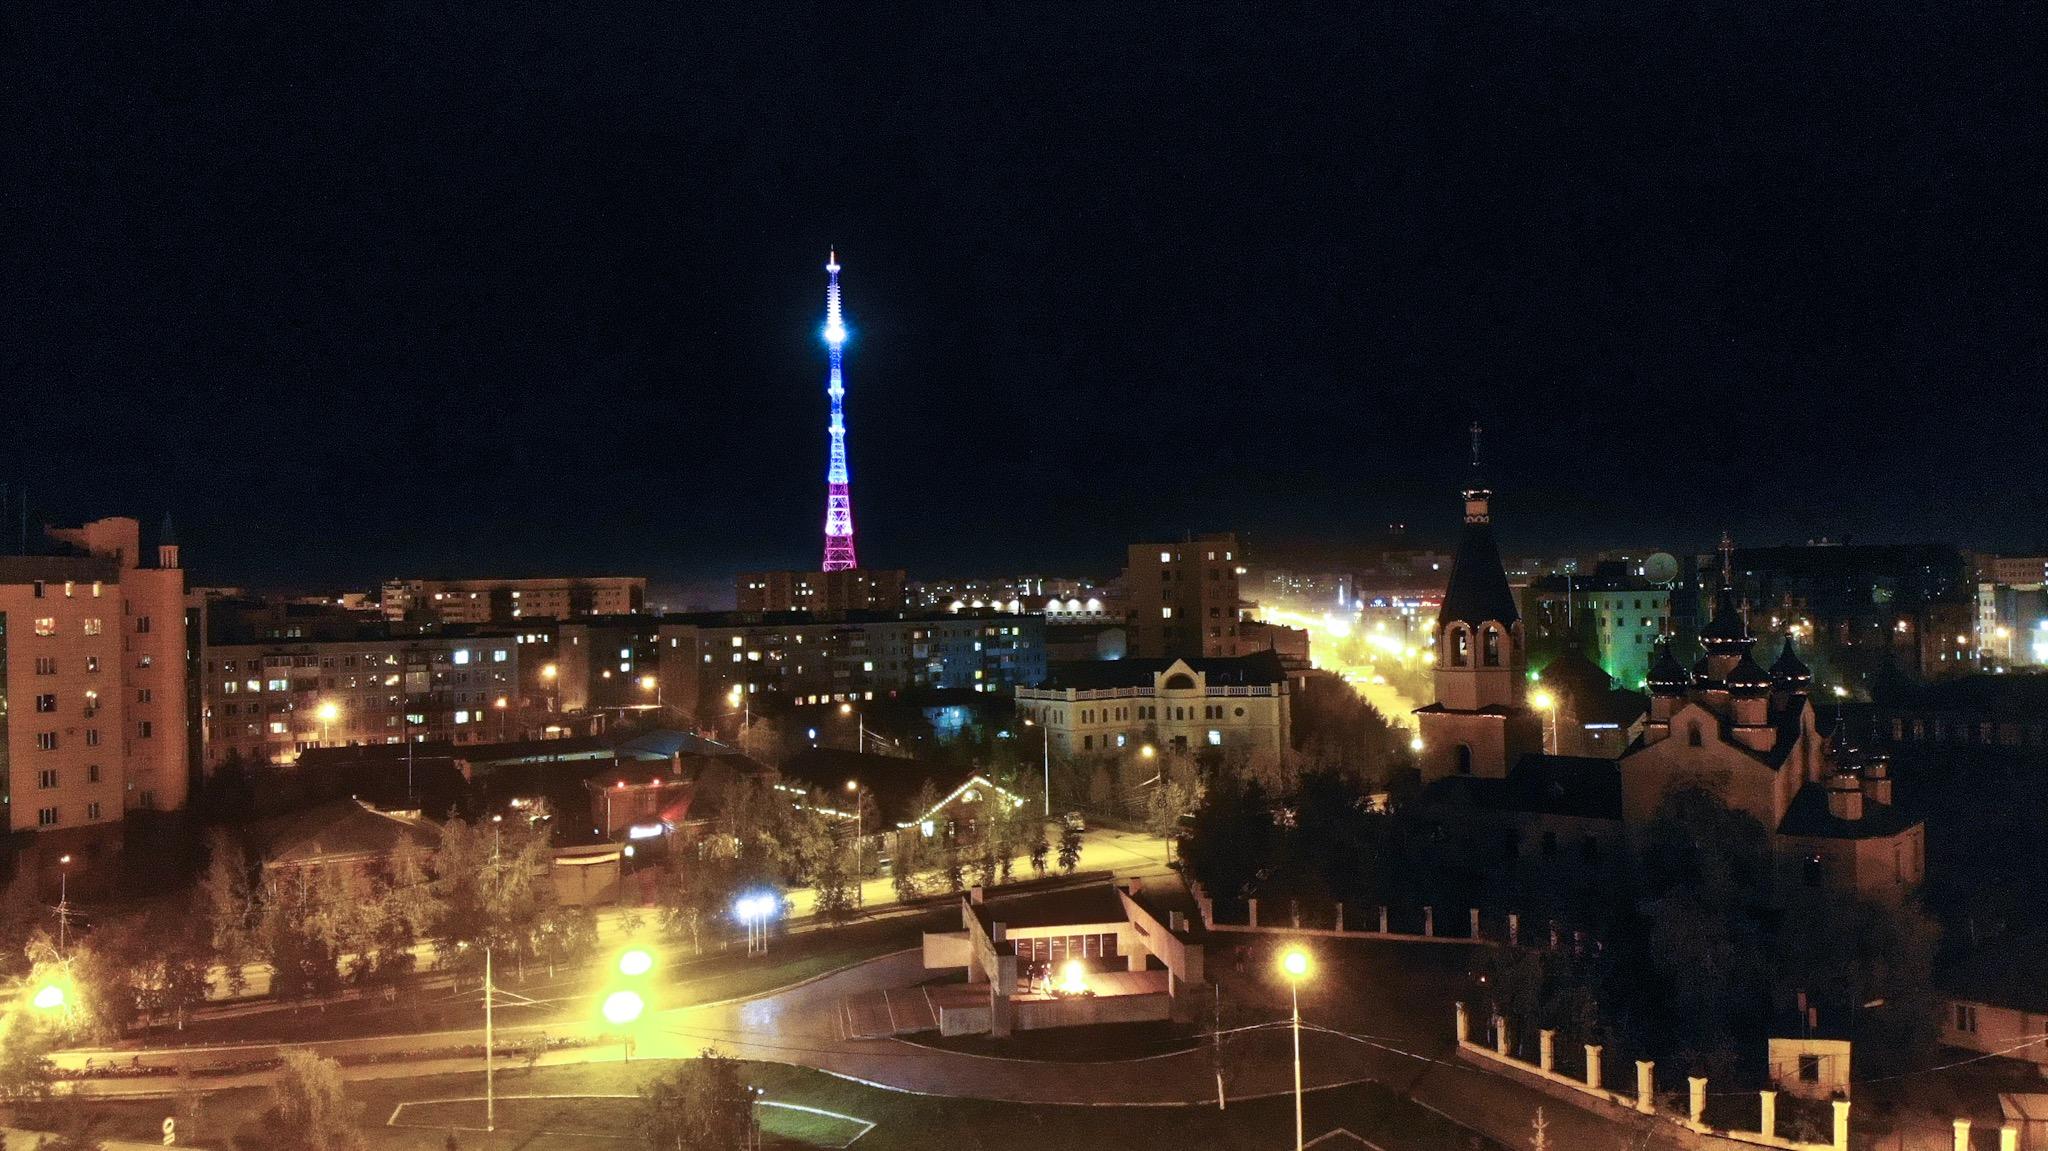 ФОТОФАКТ. Якутская телебашня засияла цветами российского триколора